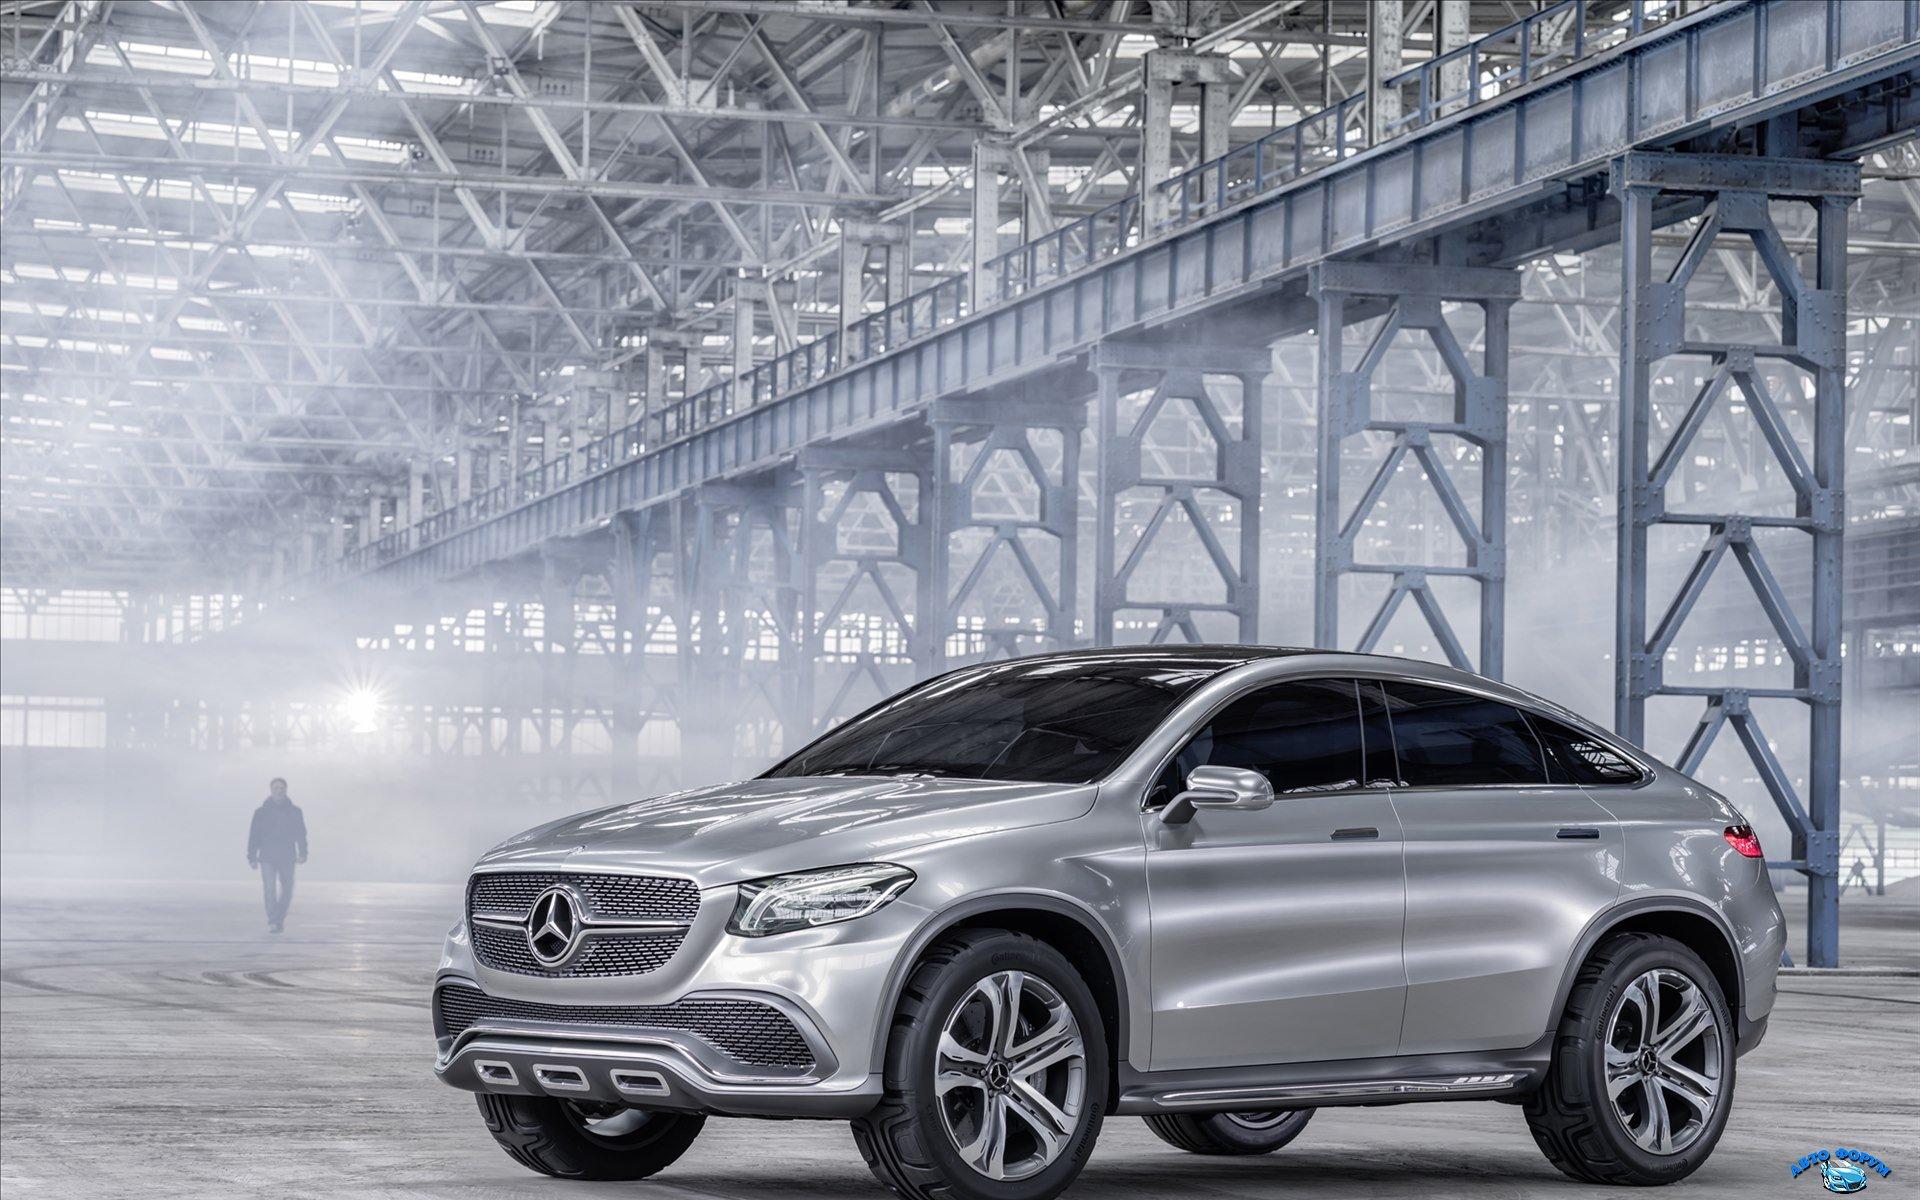 Mercedes-Benz-Coupe-SUV-Concept-2014-widescreen-14.jpg